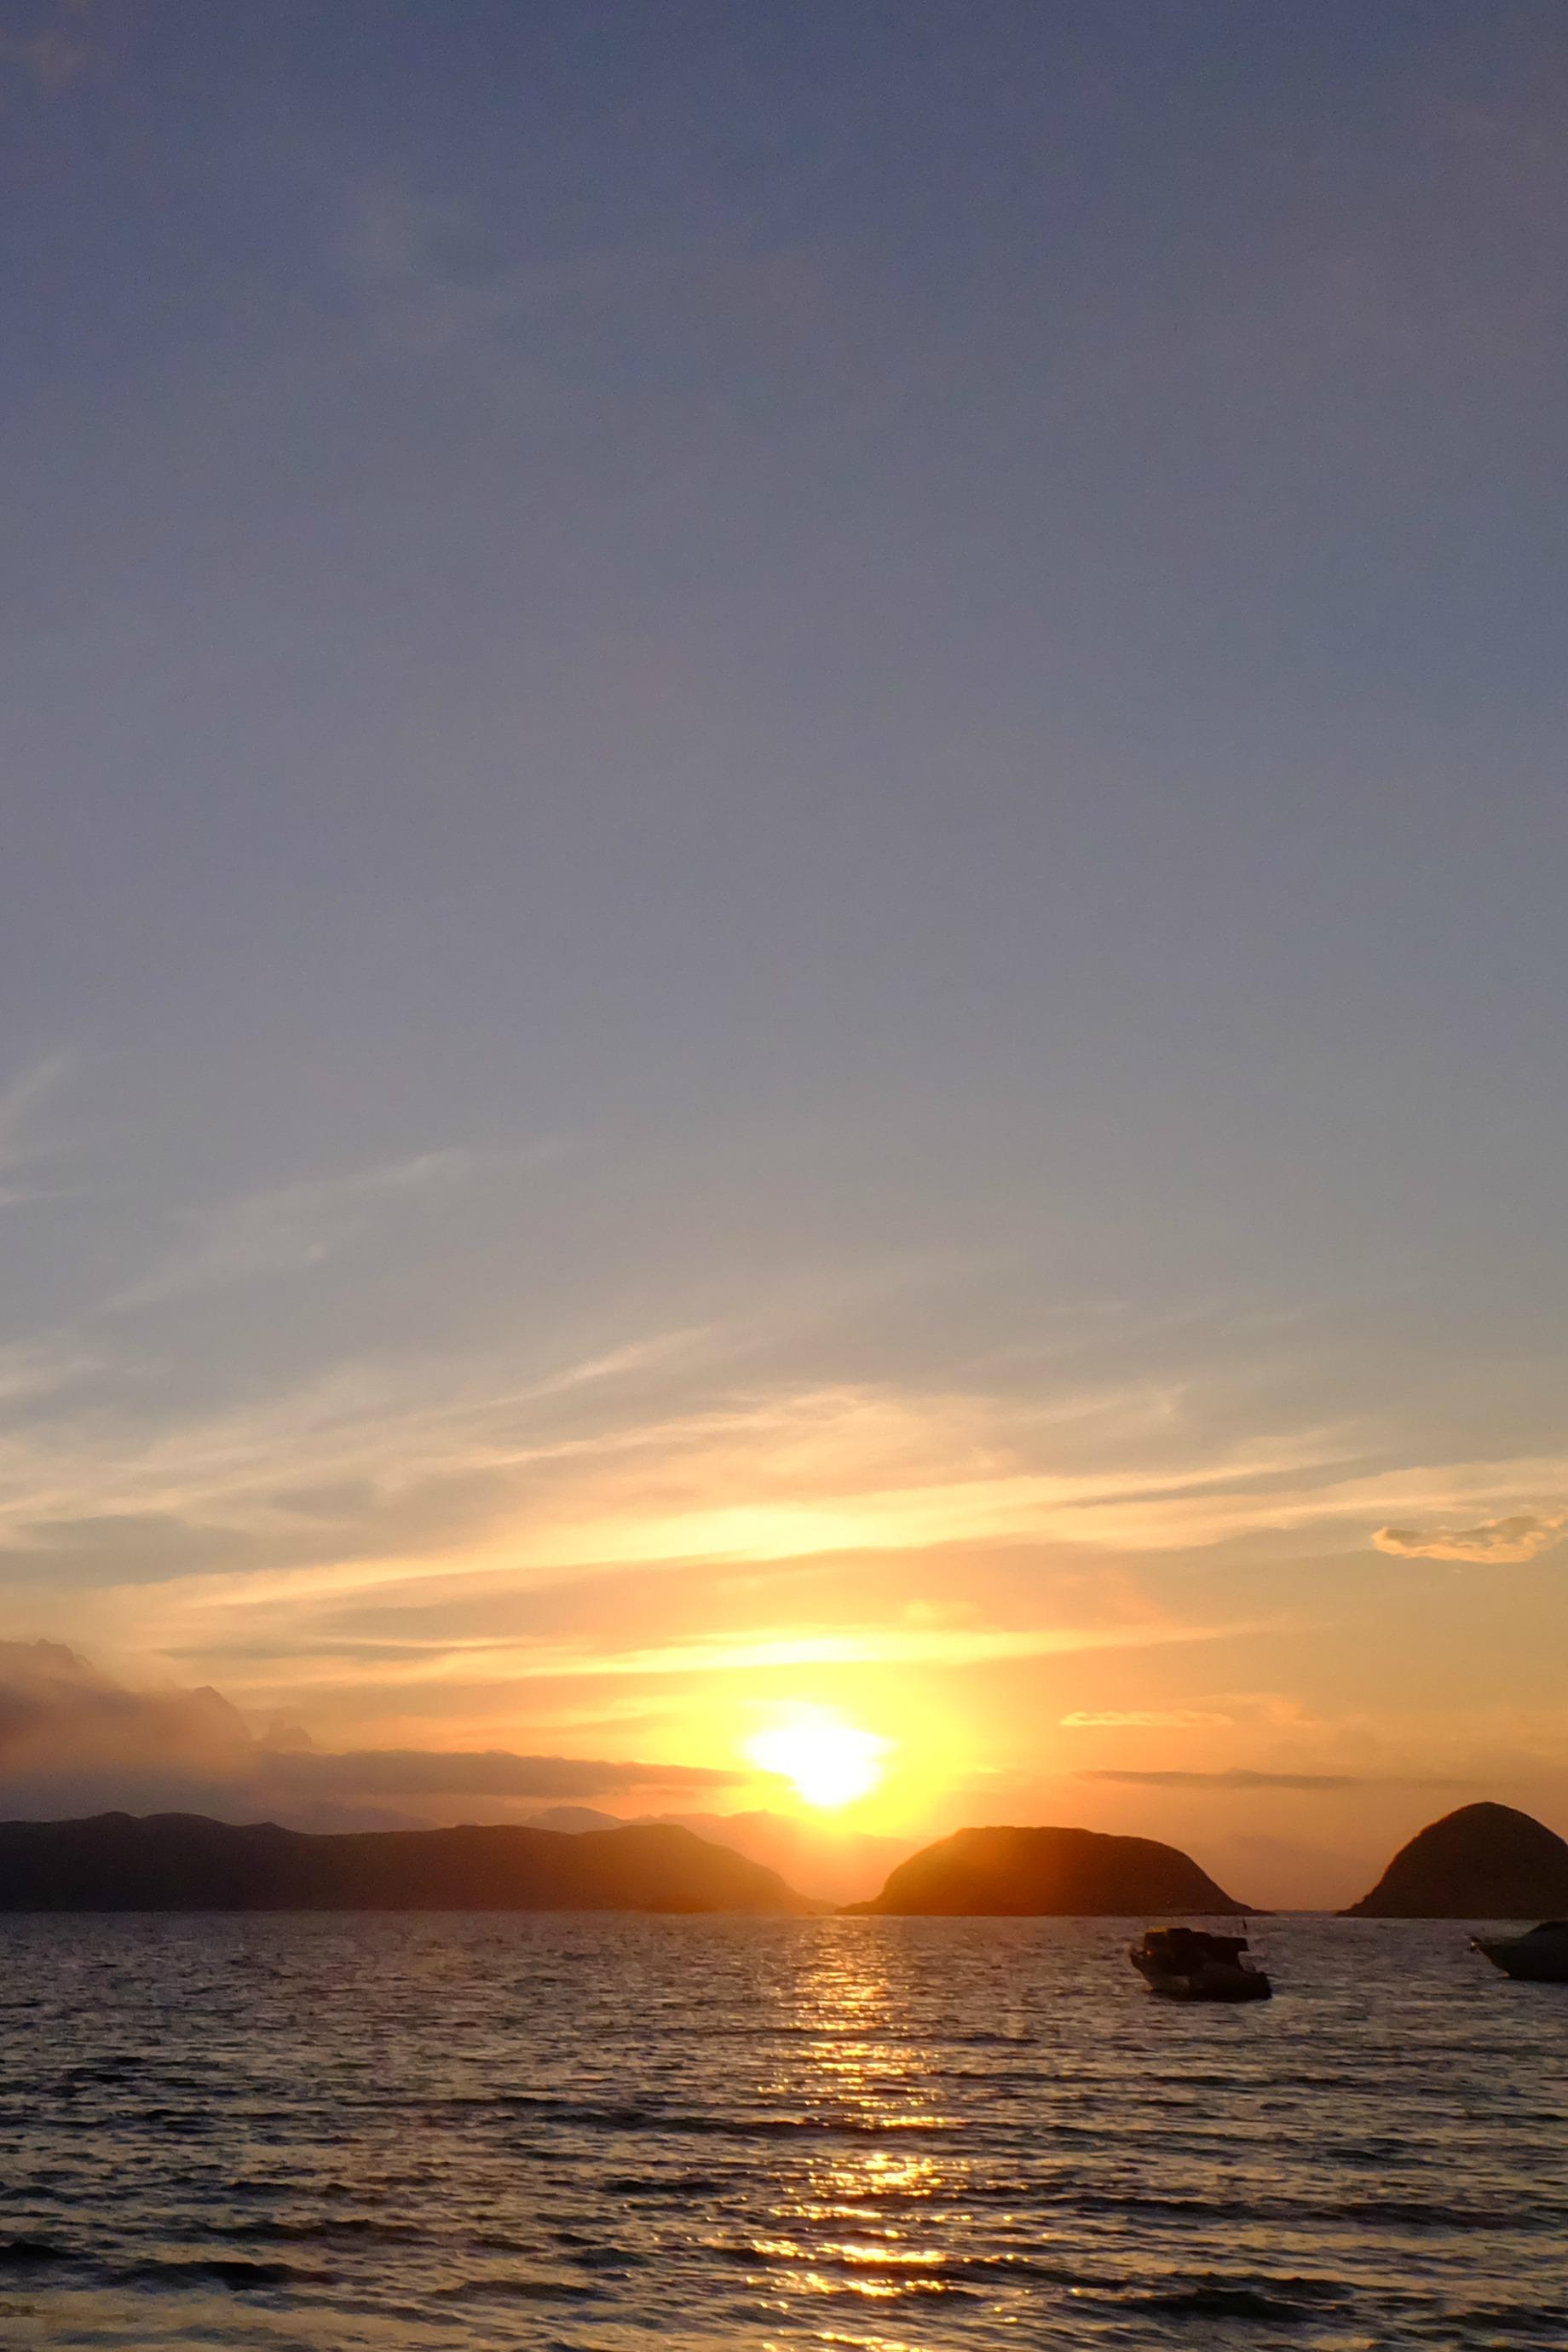 端午节徙步香港最美海岸线—-麦理浩径